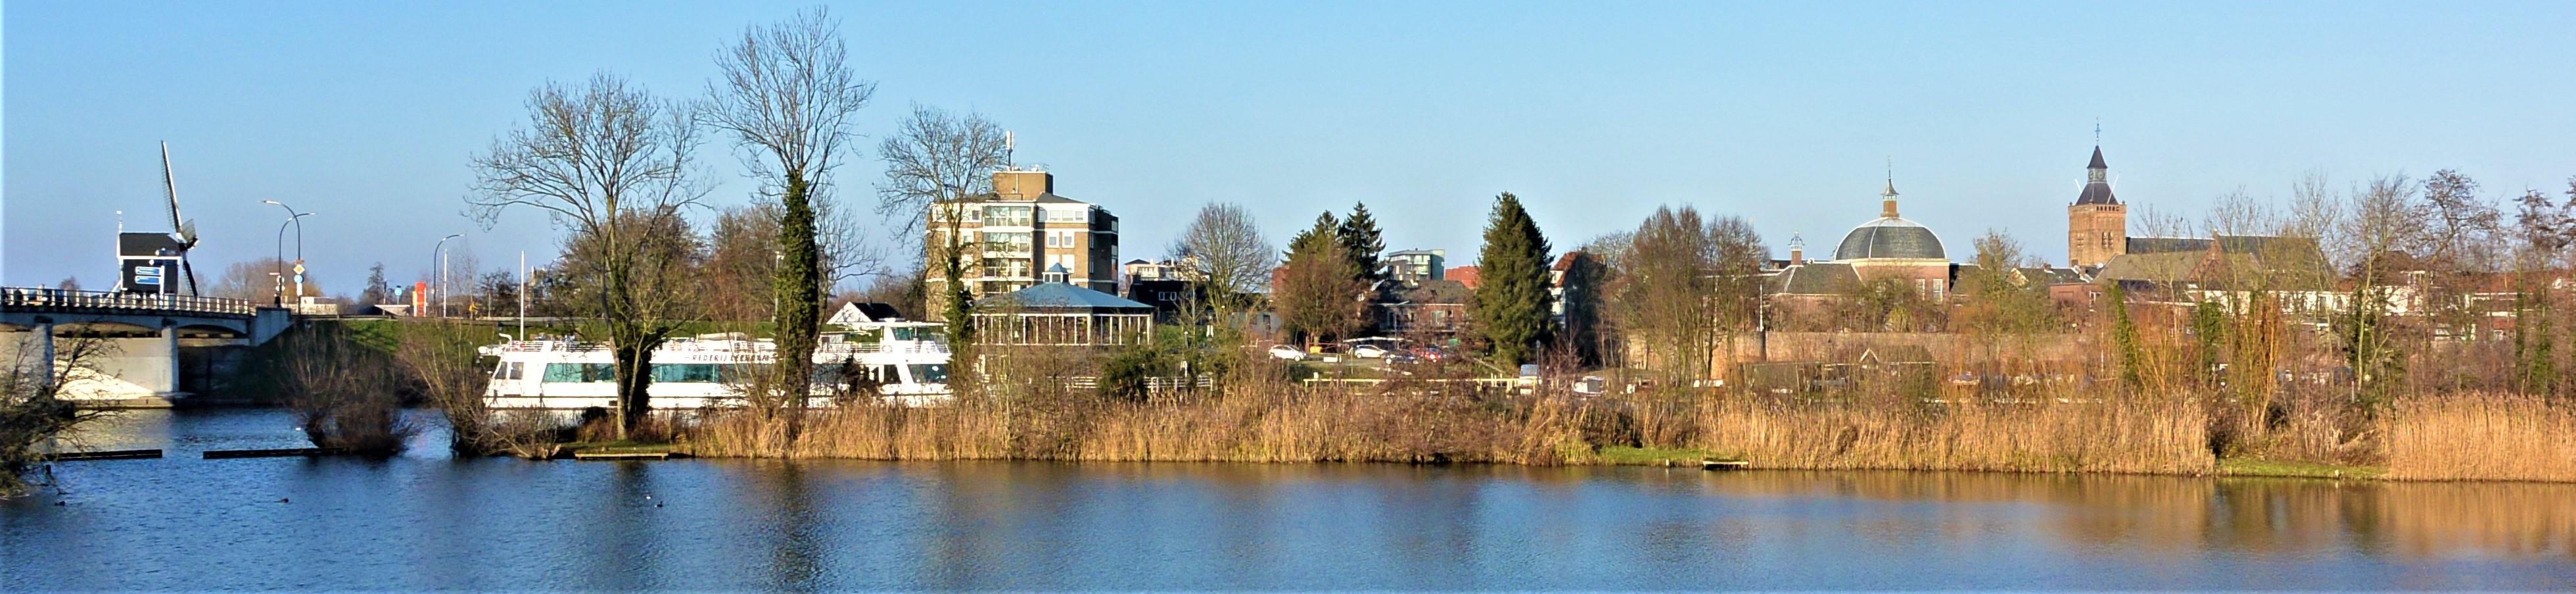 Morgen Uitvaart Panorama foto Leerdam